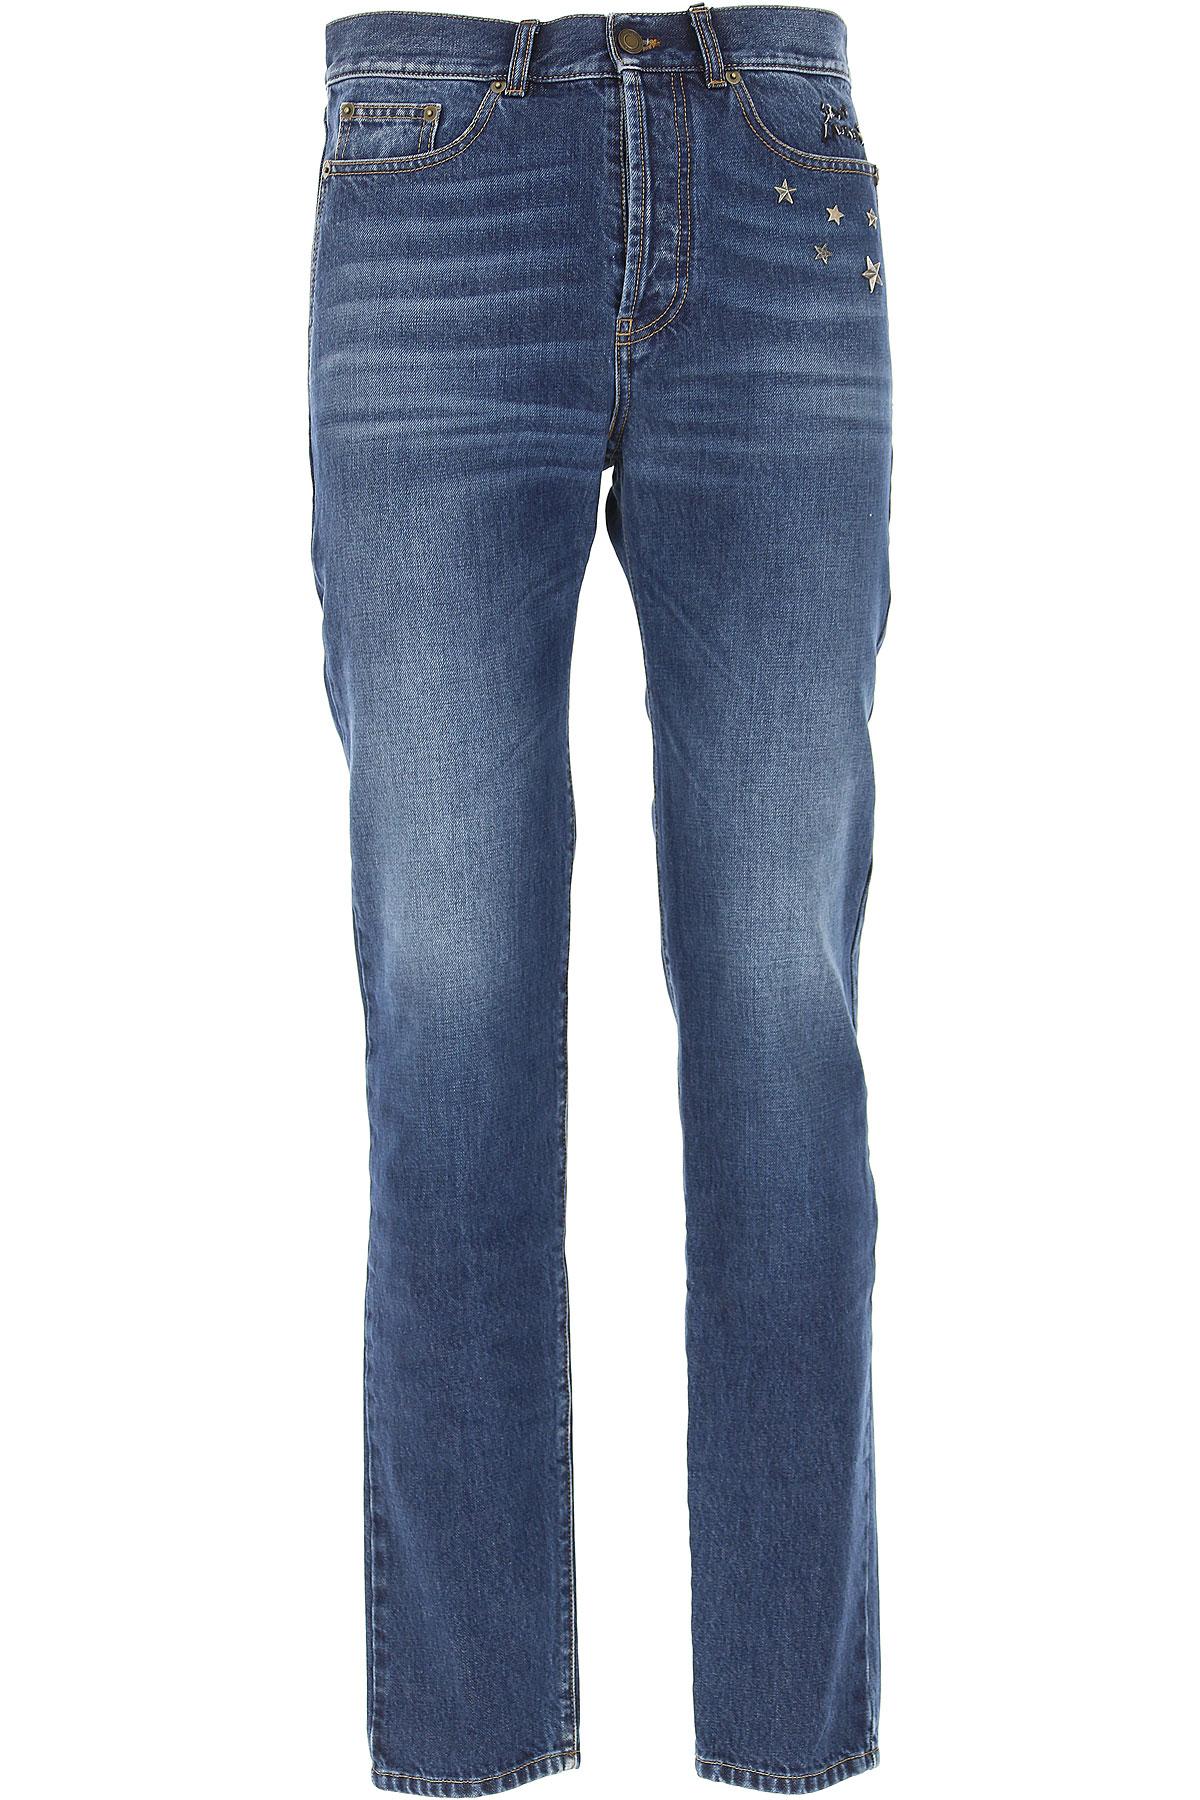 Yves Saint Laurent Jeans On Sale, Dark Blue, Cotton, 2017, 29 30 34